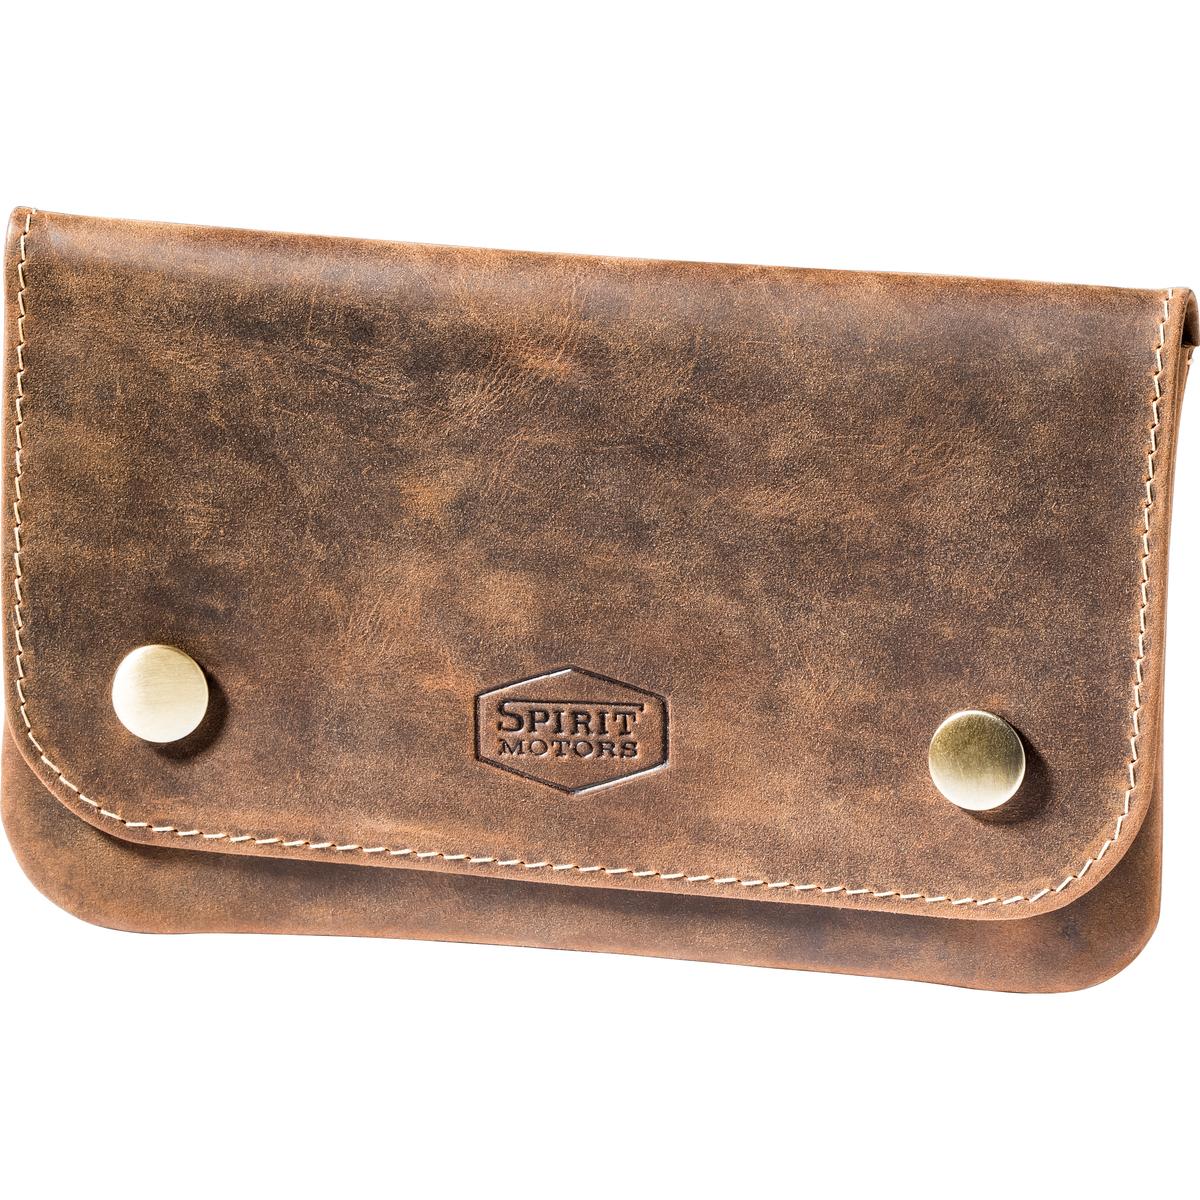 Bild 4 von Spirit Motors Vintage Leder Gürteltasche für Tabak braun